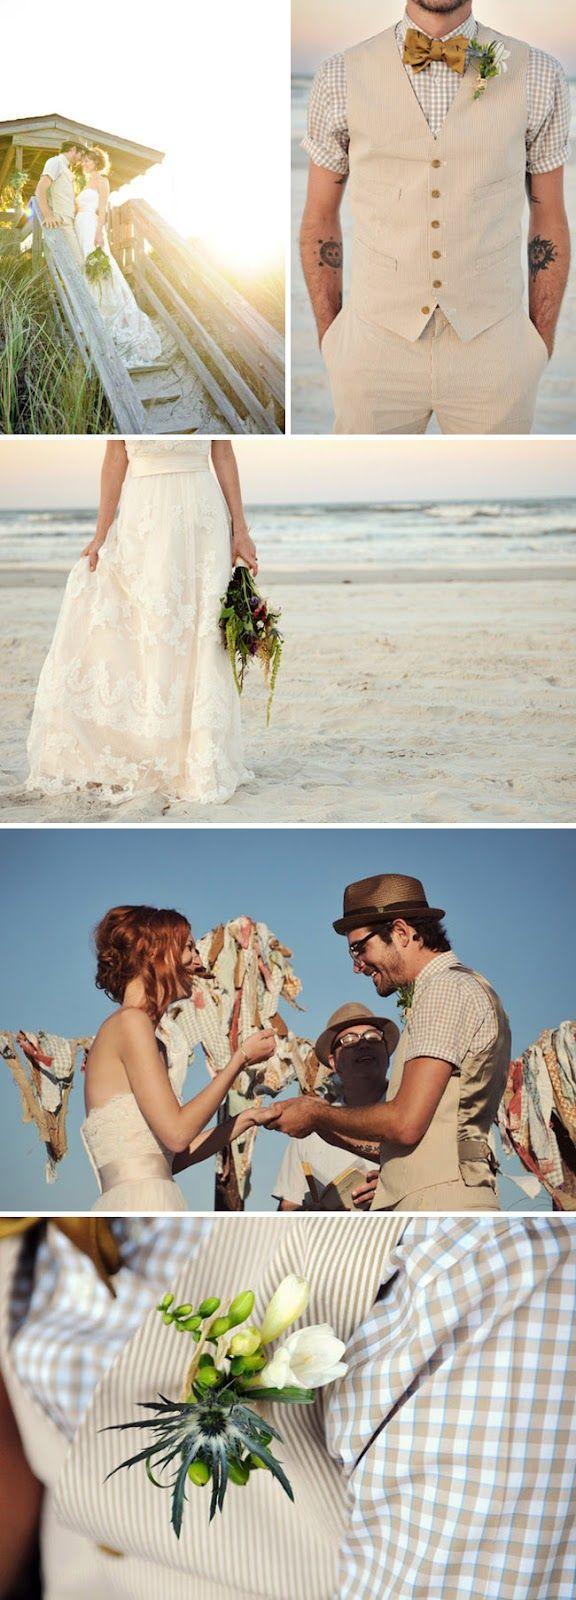 {Una boda informal en una playa de Florida} - {Love Notes} Las Notas de amor de Vintage & Chic